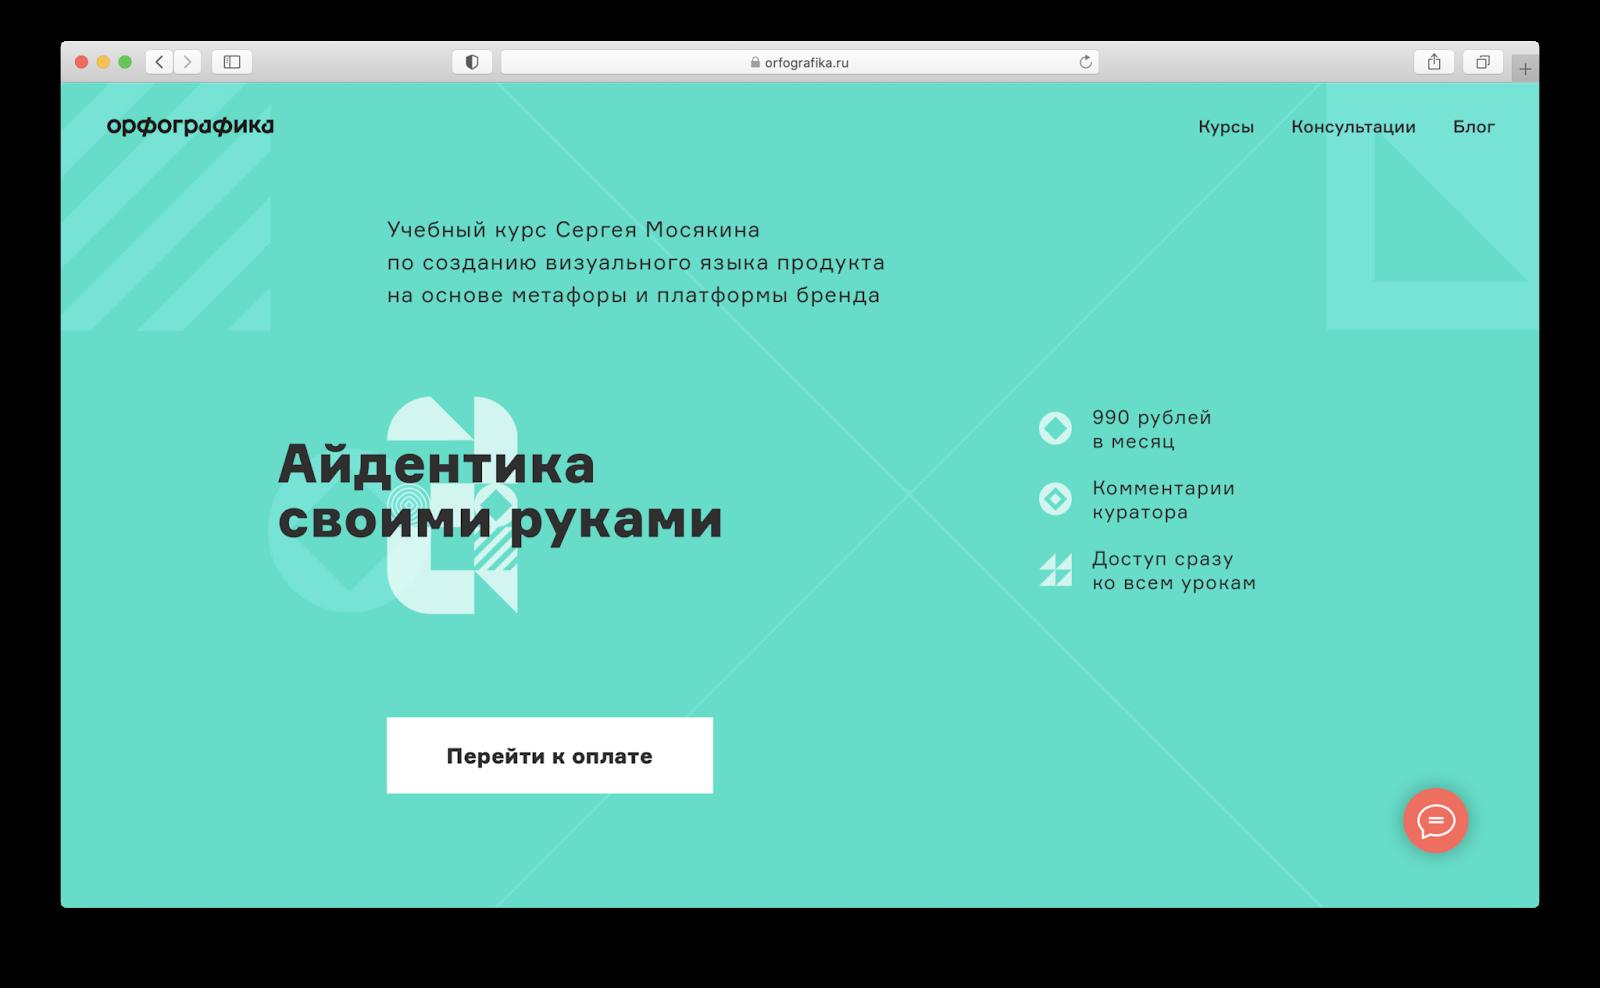 Логотип, фирменный стиль и айдентика своими руками — сделайте проект по брифу с новыми навыками и более глубокой работой с ЦА